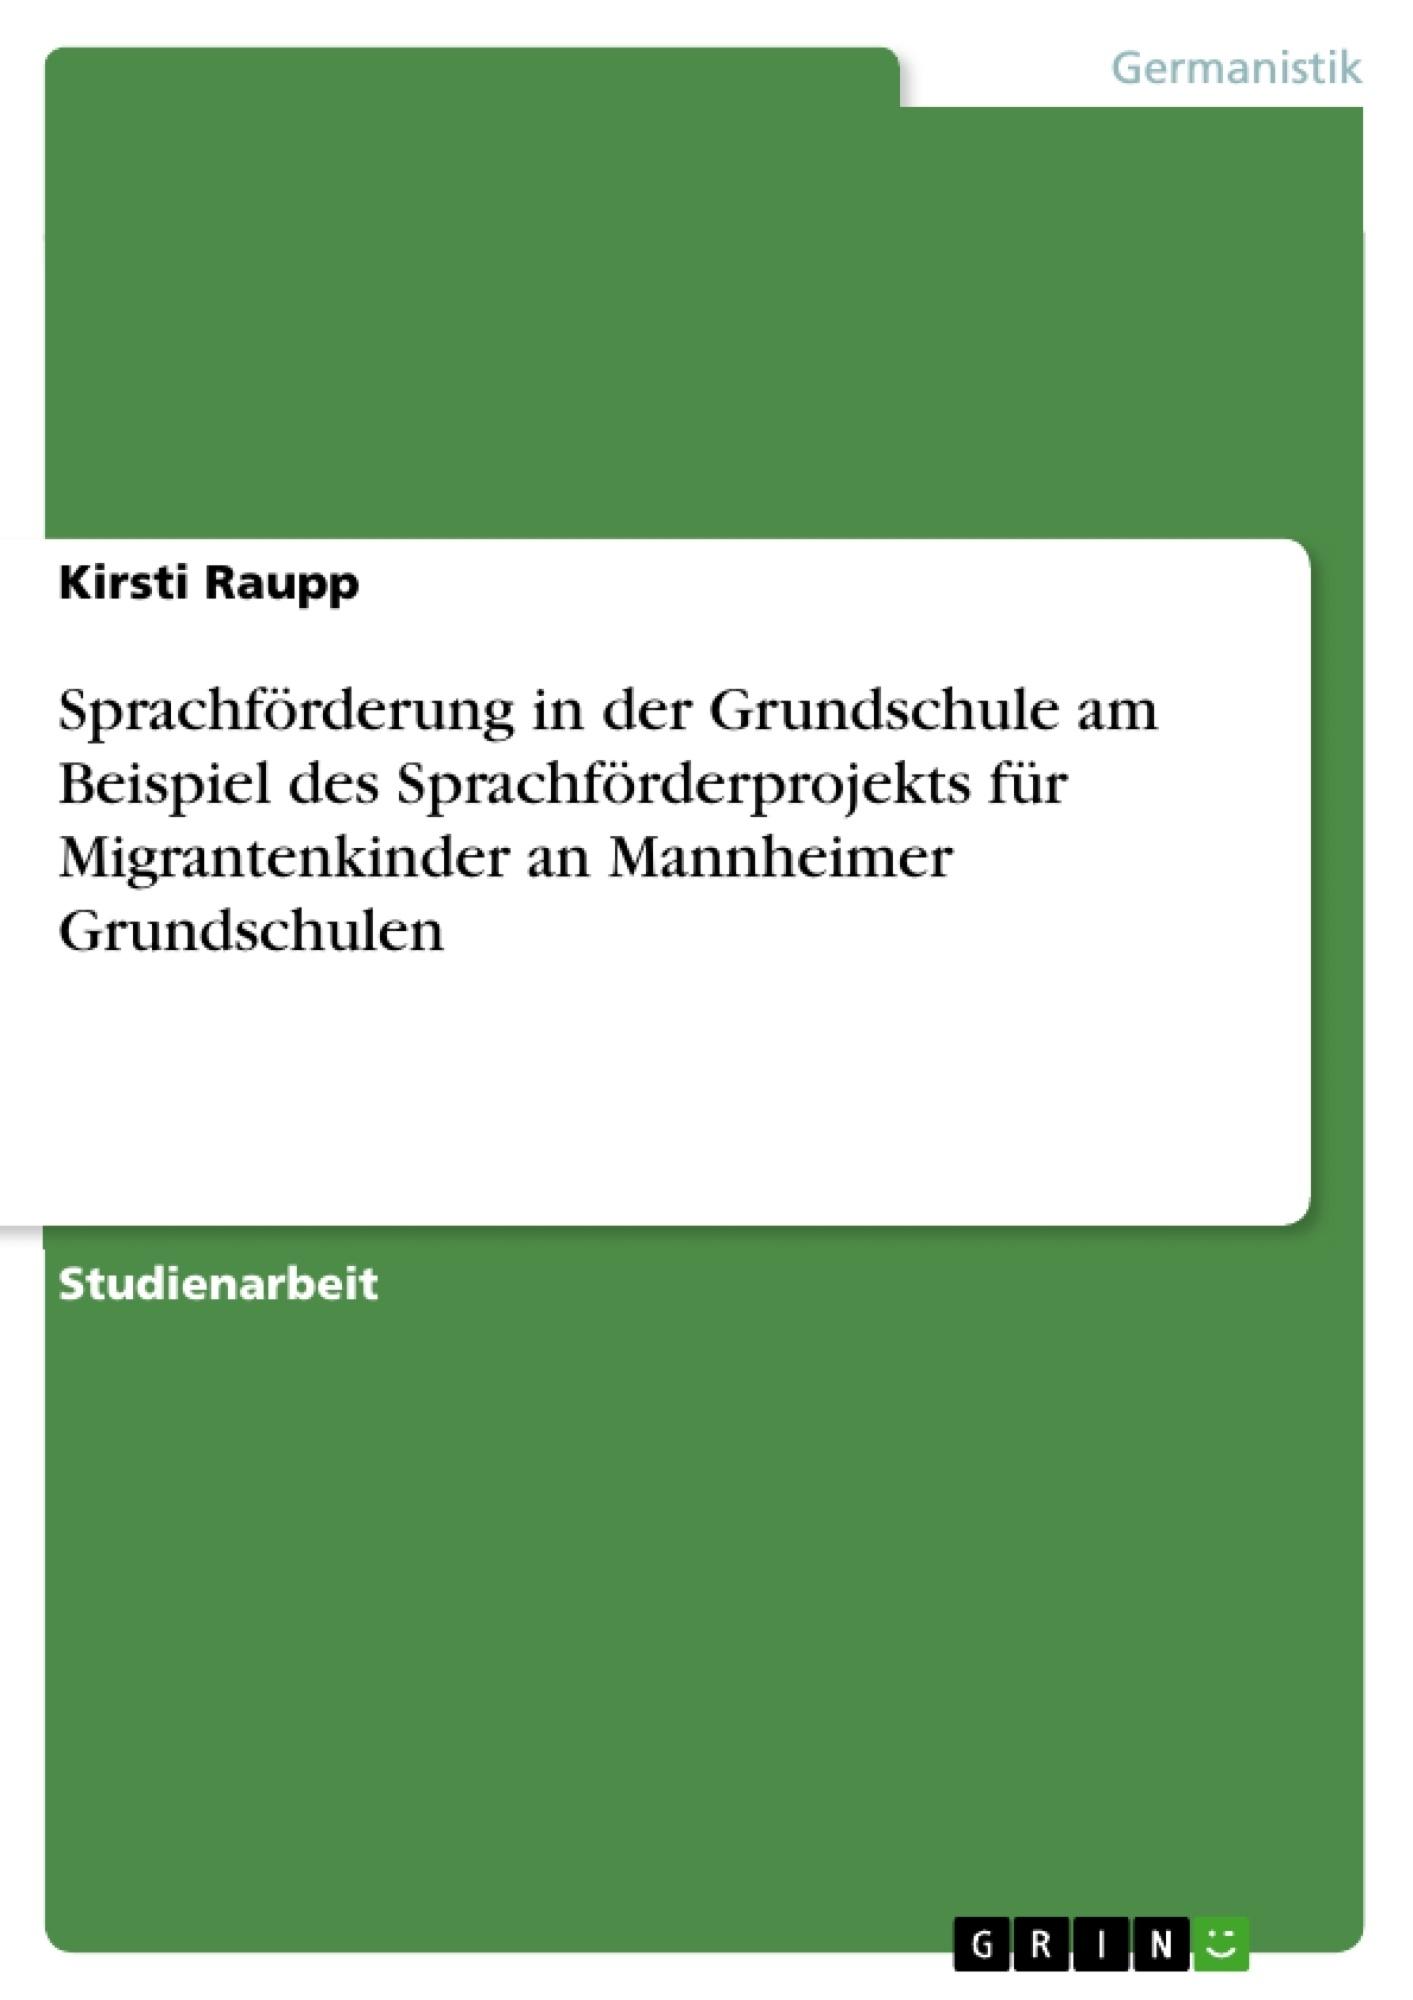 Titel: Sprachförderung in der Grundschule am Beispiel des Sprachförderprojekts für Migrantenkinder an Mannheimer Grundschulen